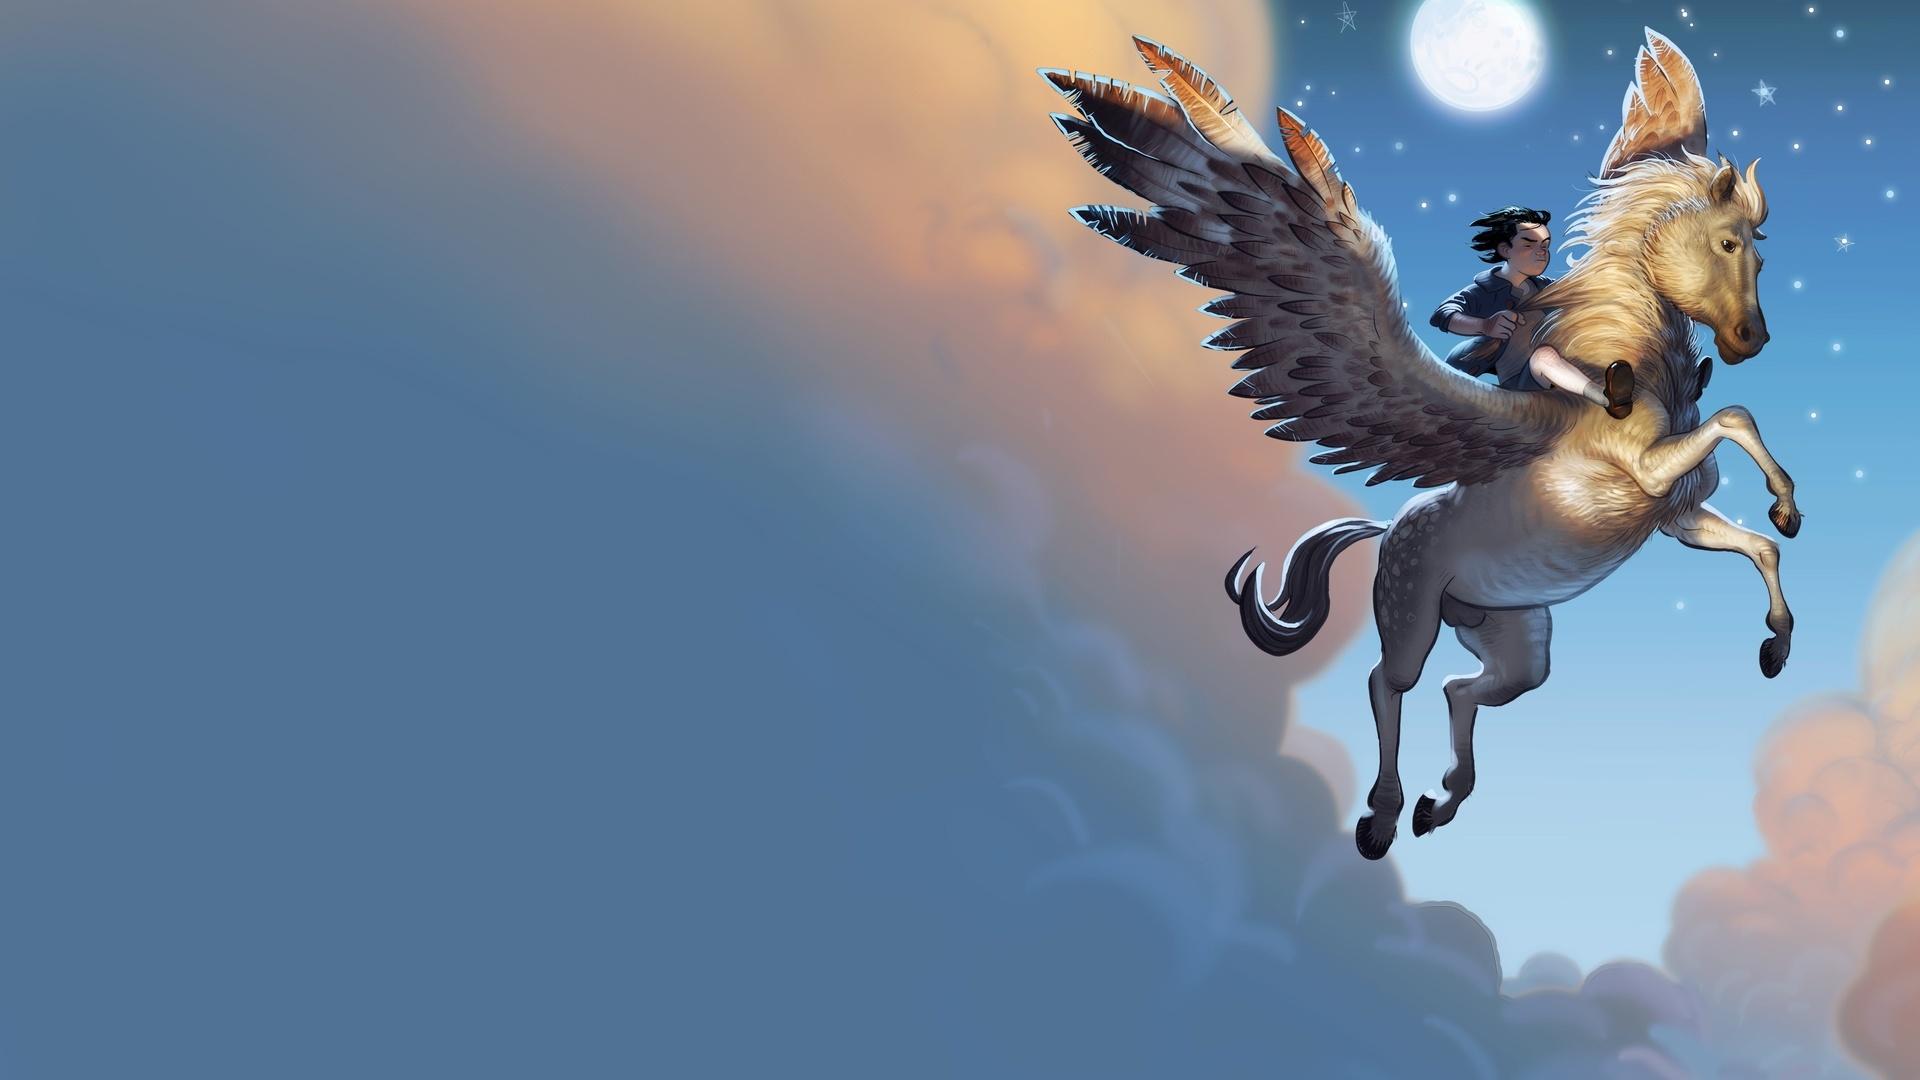 Pegasus Art HD Wallpaper